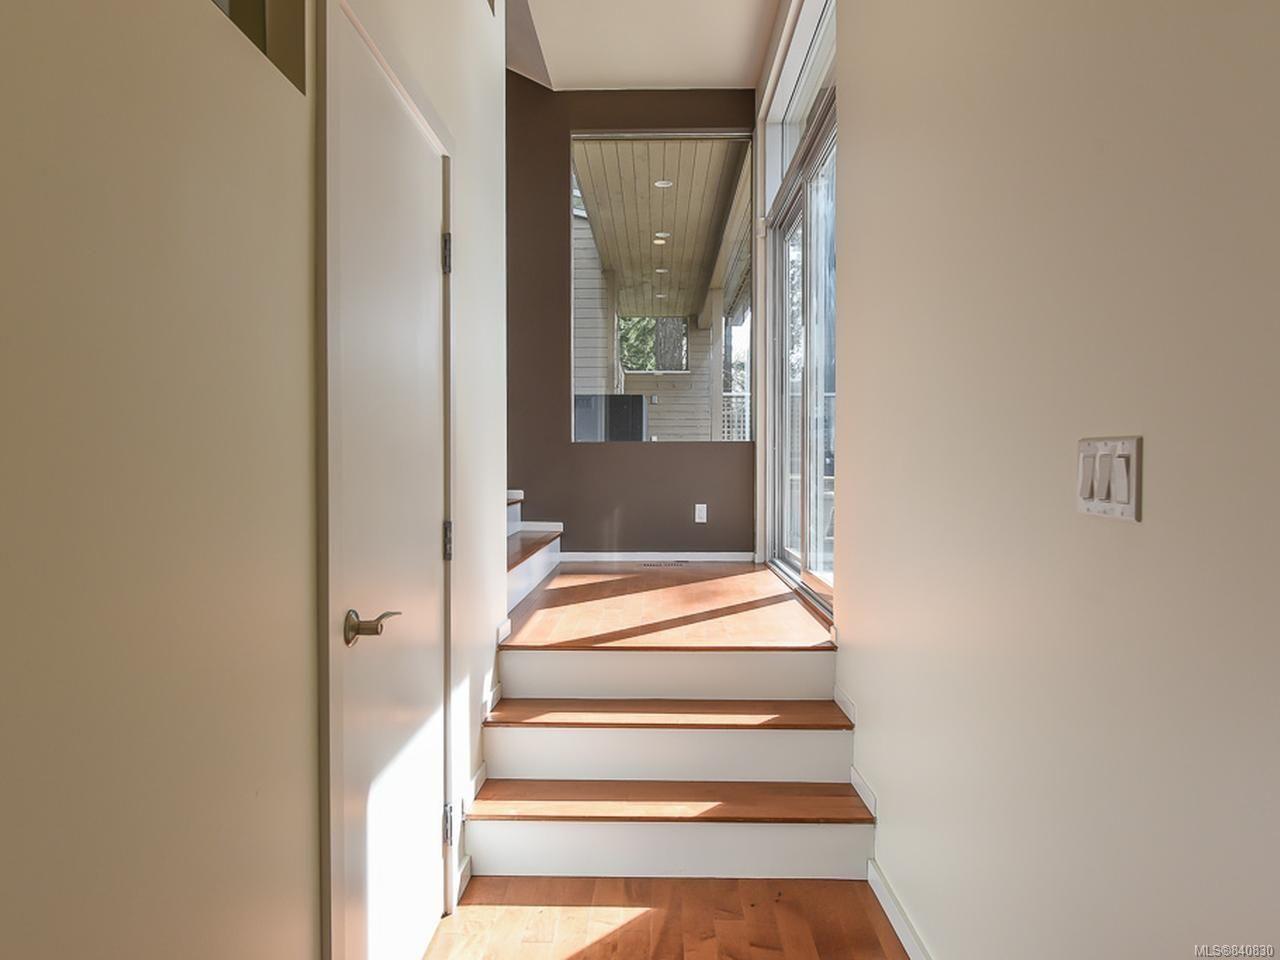 Photo 22: Photos: 1156 Moore Rd in COMOX: CV Comox Peninsula House for sale (Comox Valley)  : MLS®# 840830